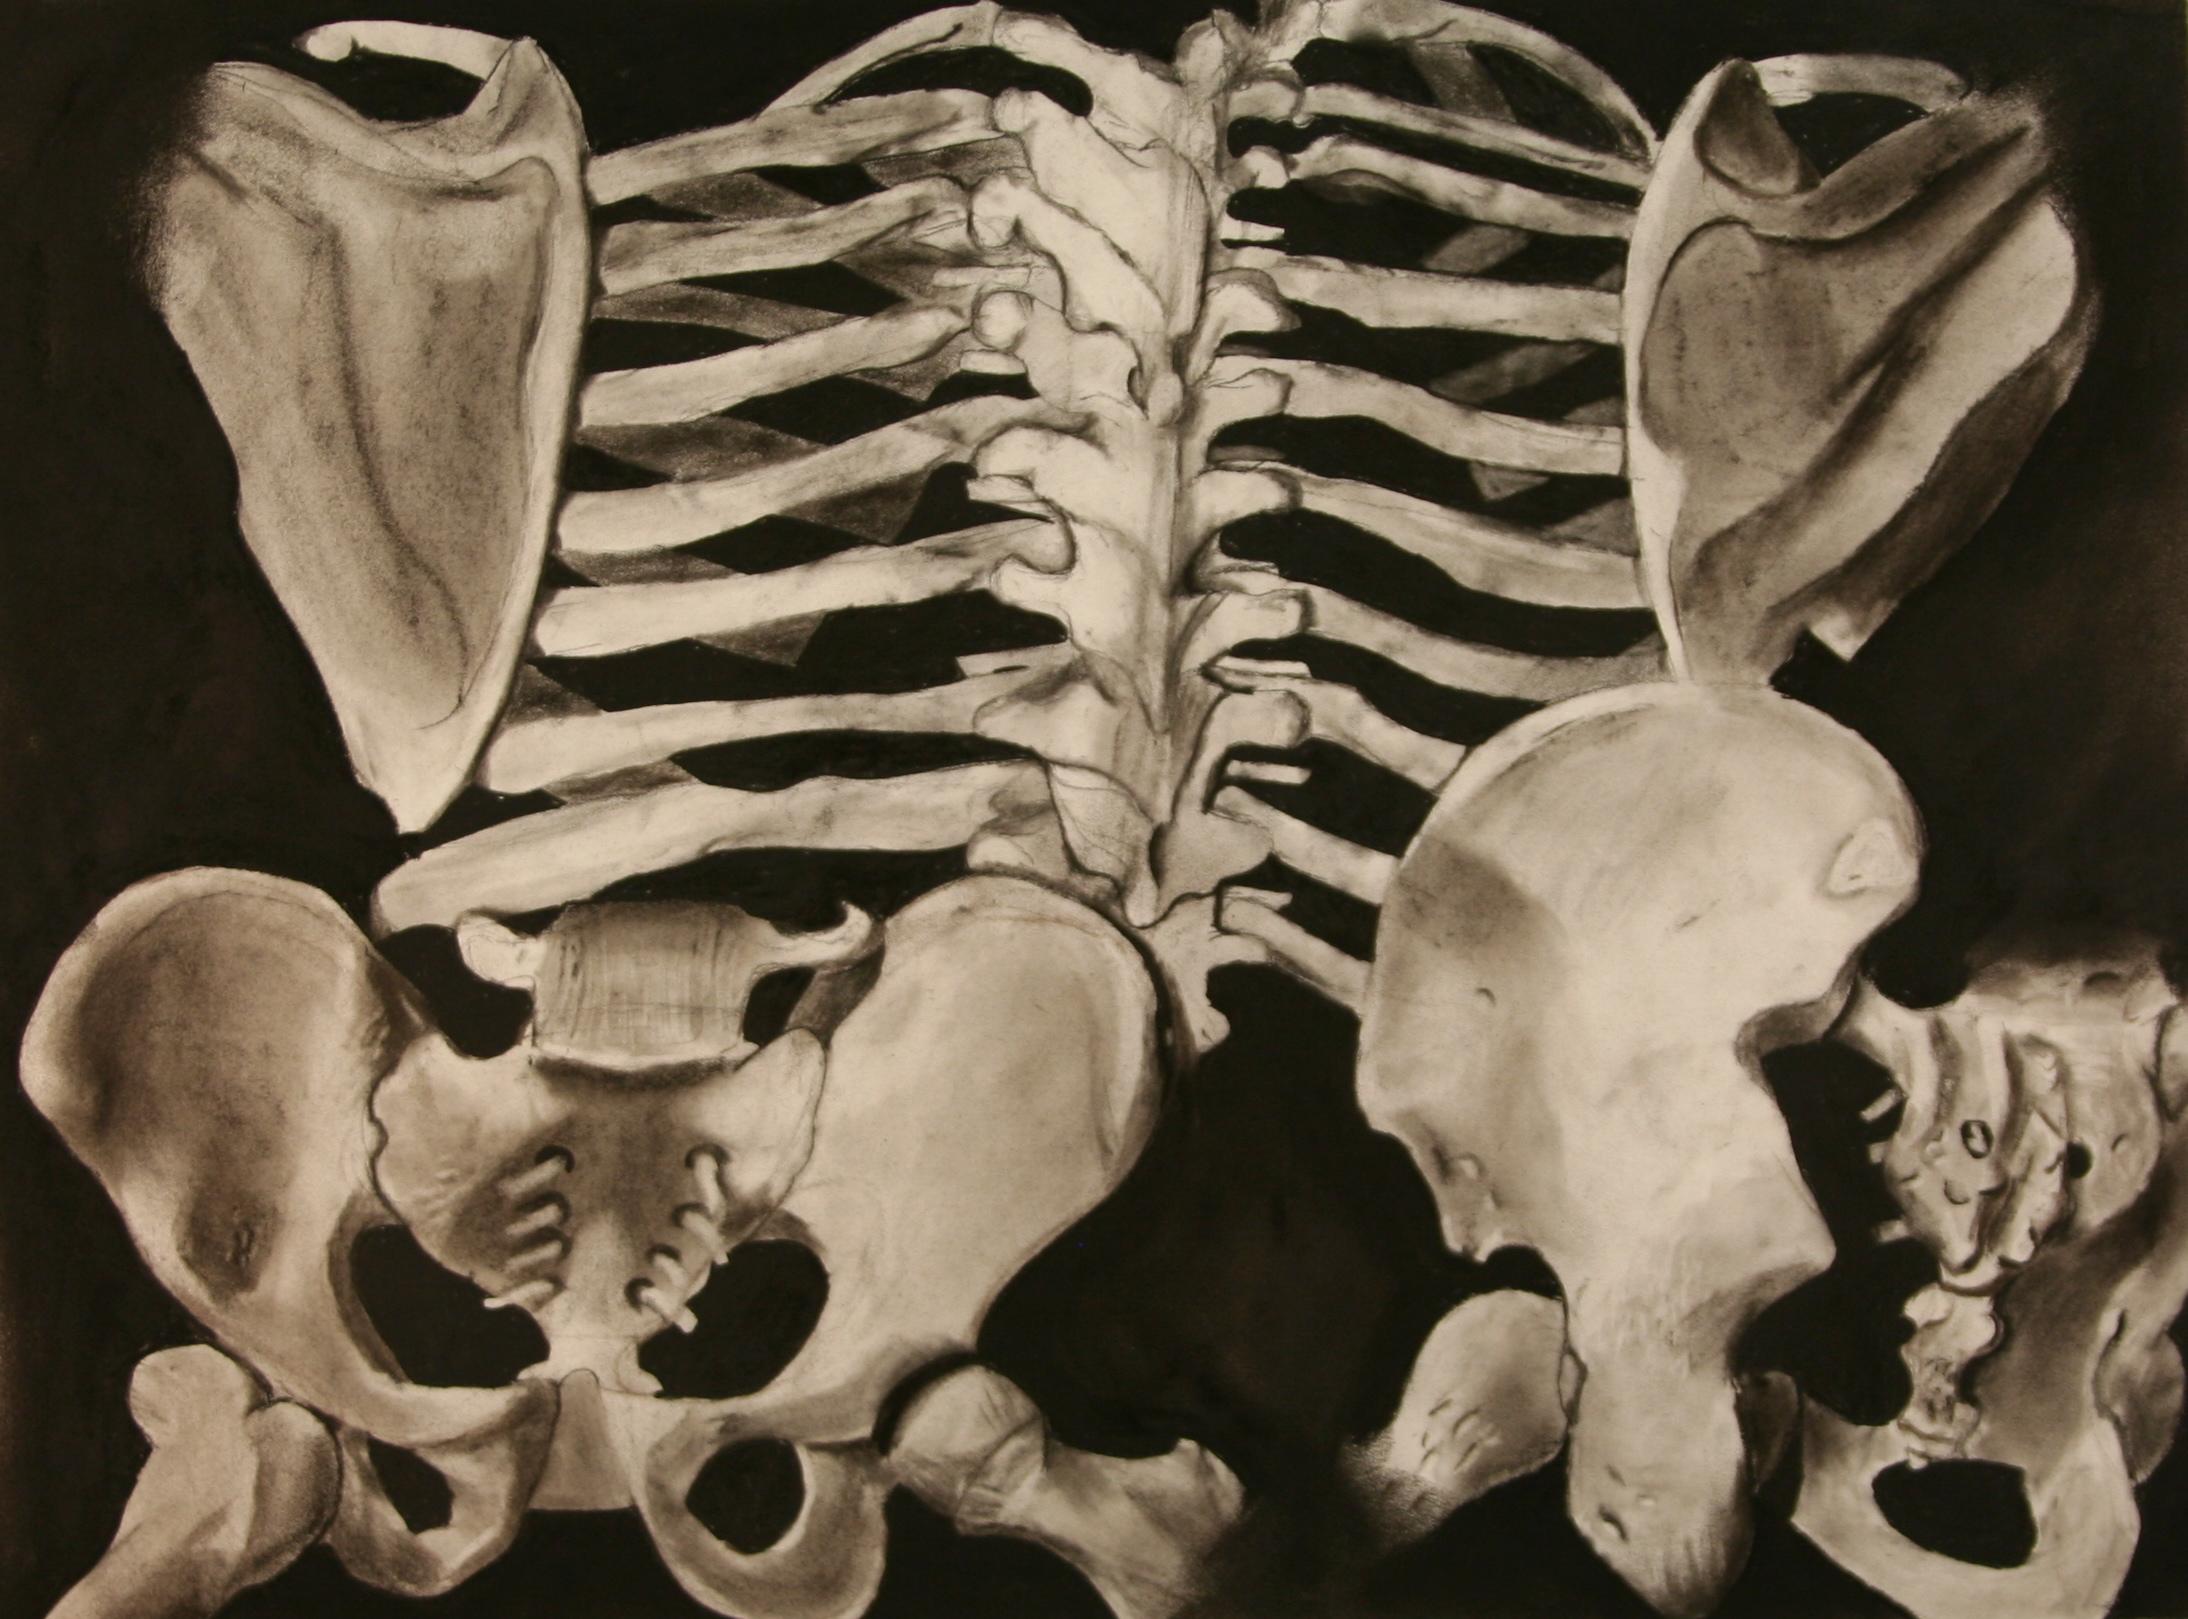 Skeletal-Limb-Studies_03.JPG